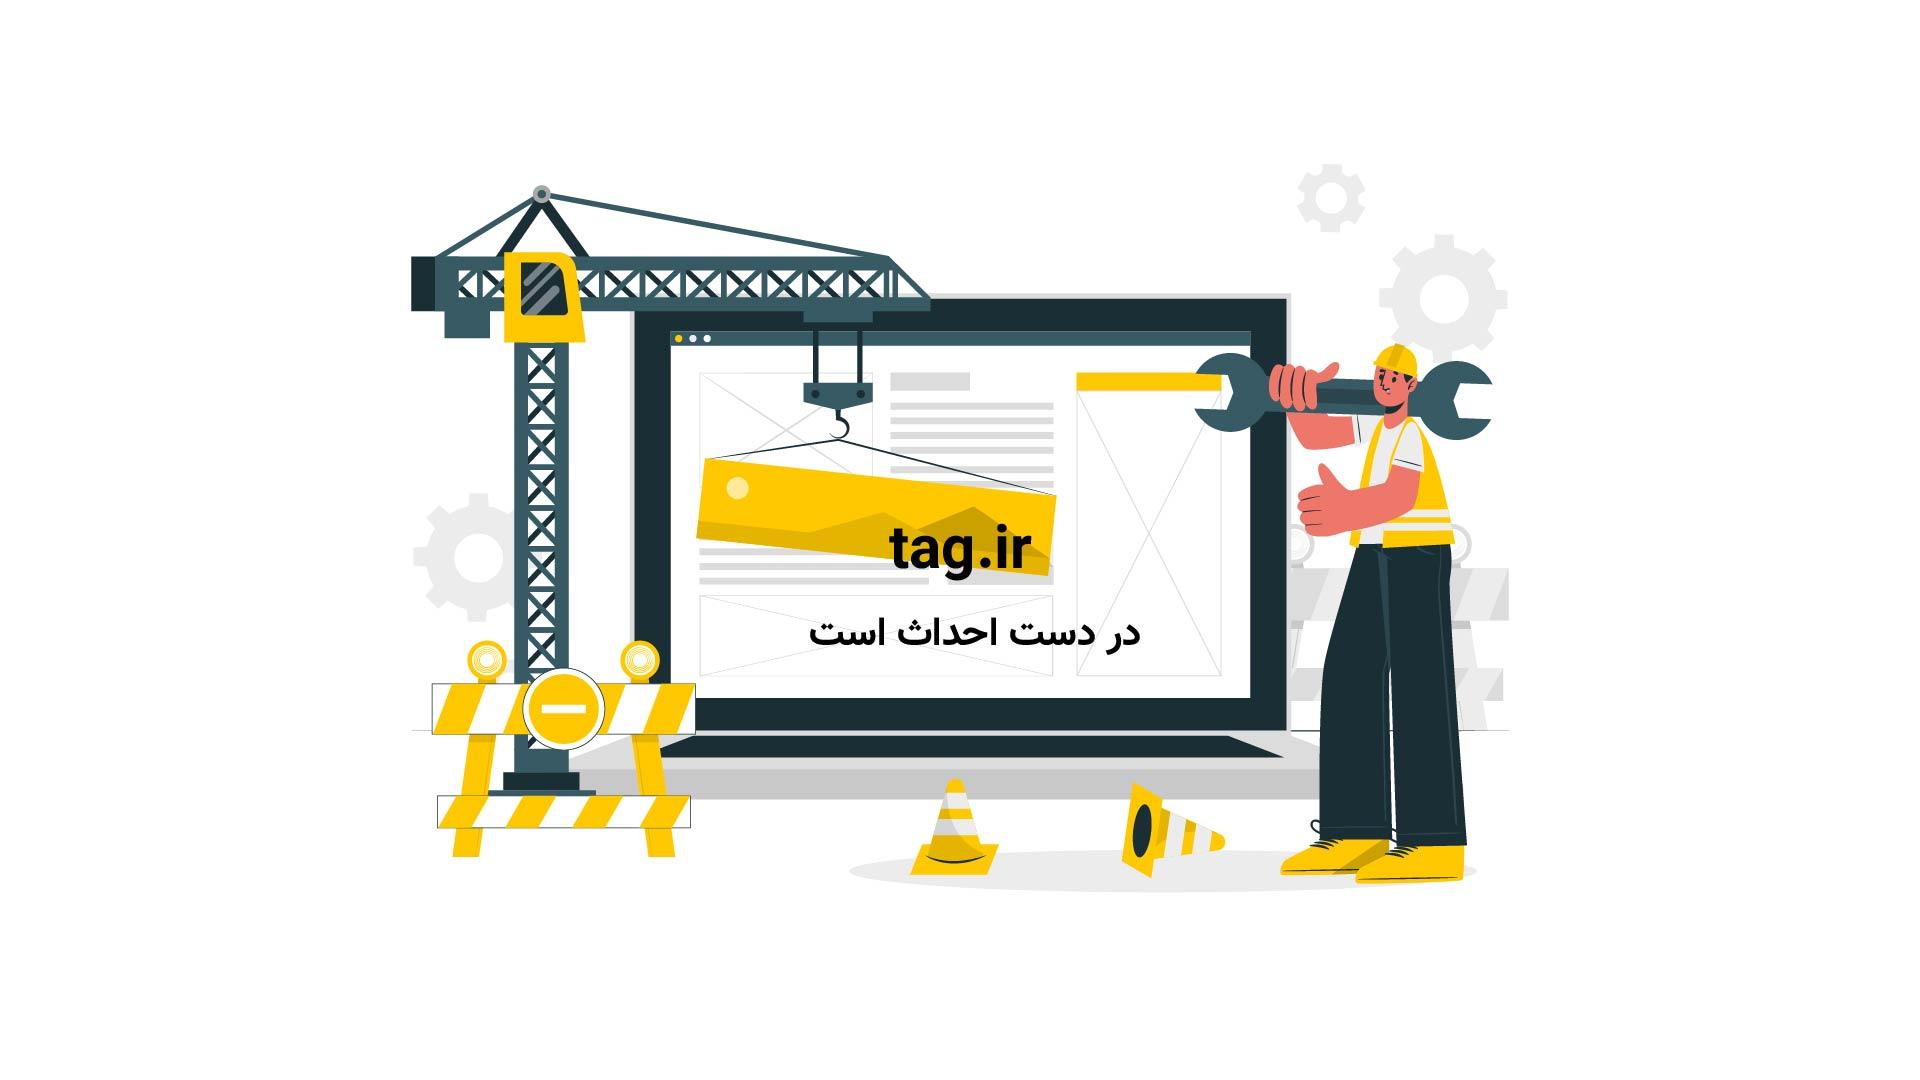 آموزش میوه آرایی | تگ